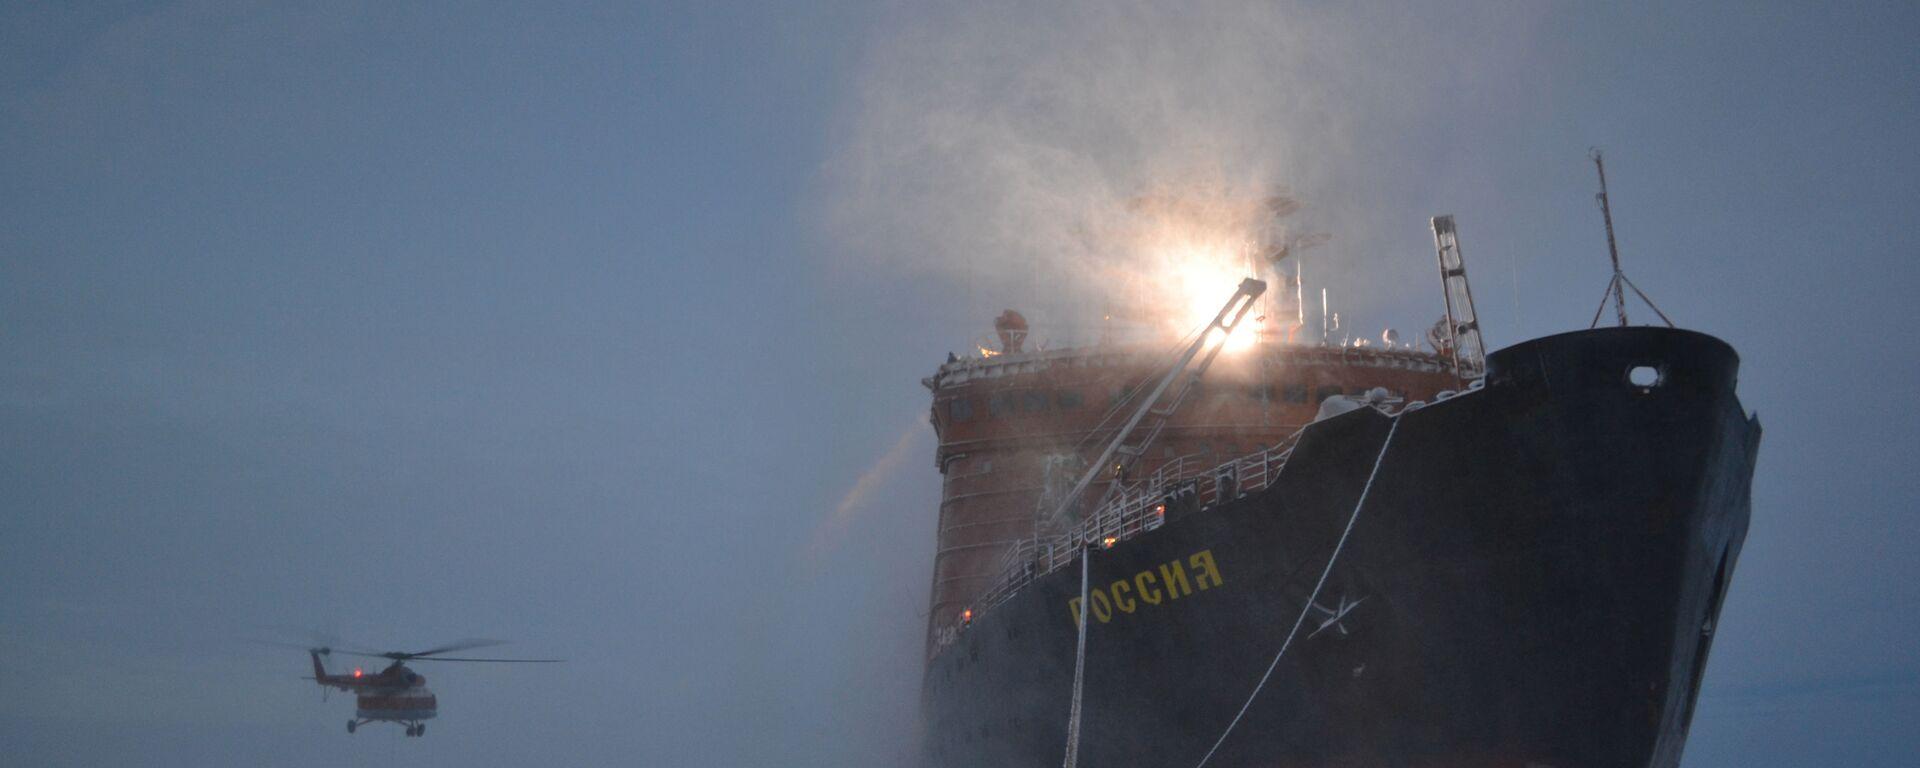 """Lodołamacz, który przywiózł rosyjskich polarników na Arktykę w celu rozmieszczenia nowej dryfującej stacji """"SP-40"""" - Sputnik Polska, 1920, 02.07.2021"""